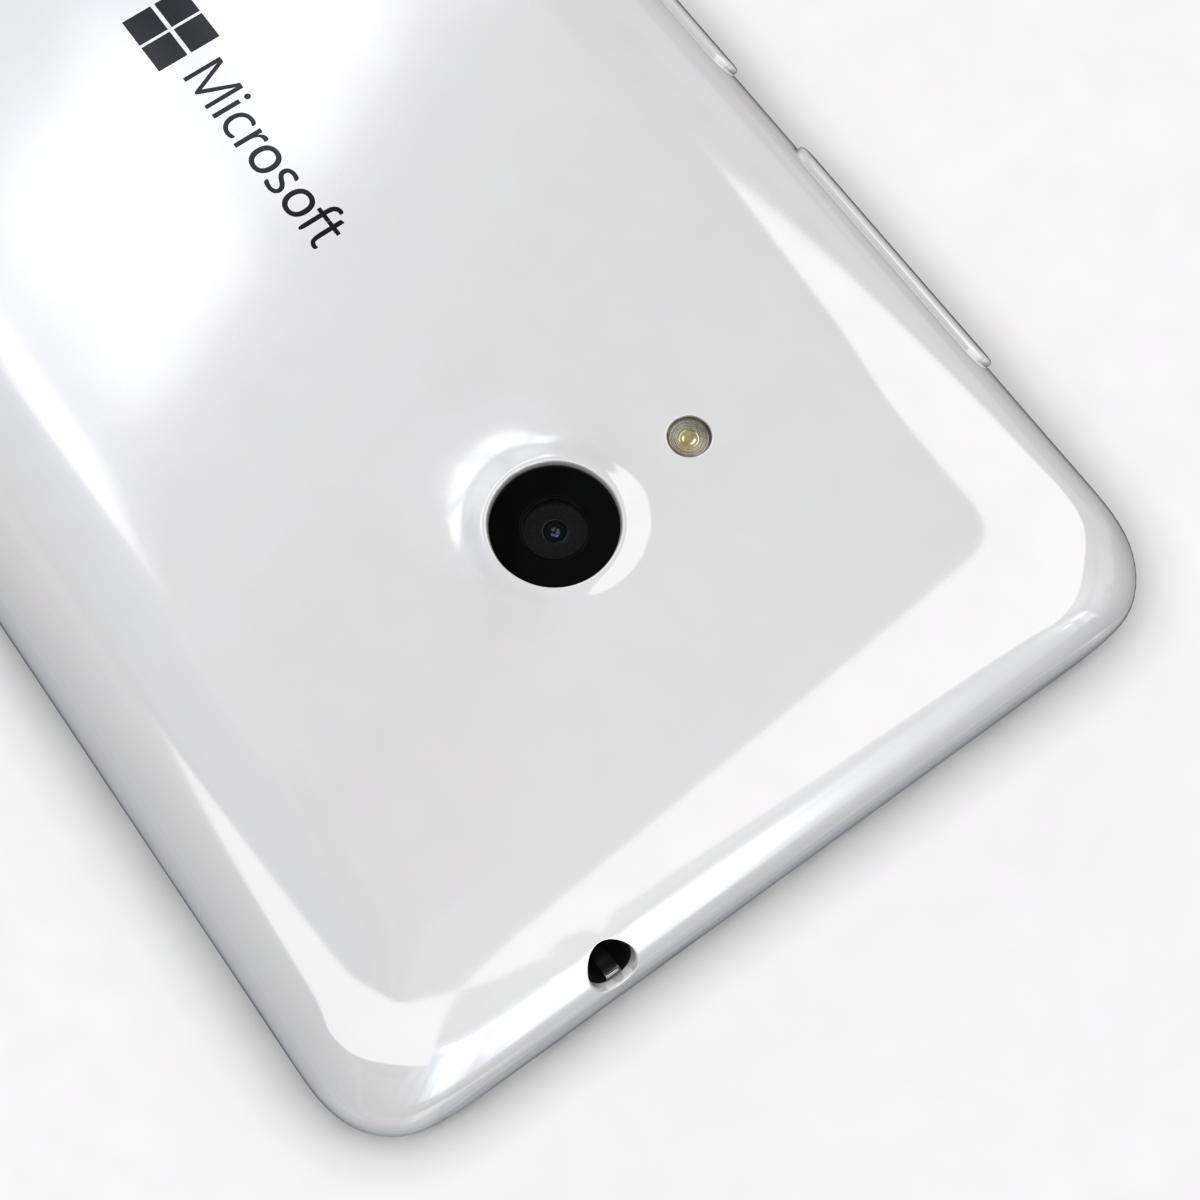 microsoft lumia 535 and dual sim all colors 3d model 3ds max fbx c4d obj 204683